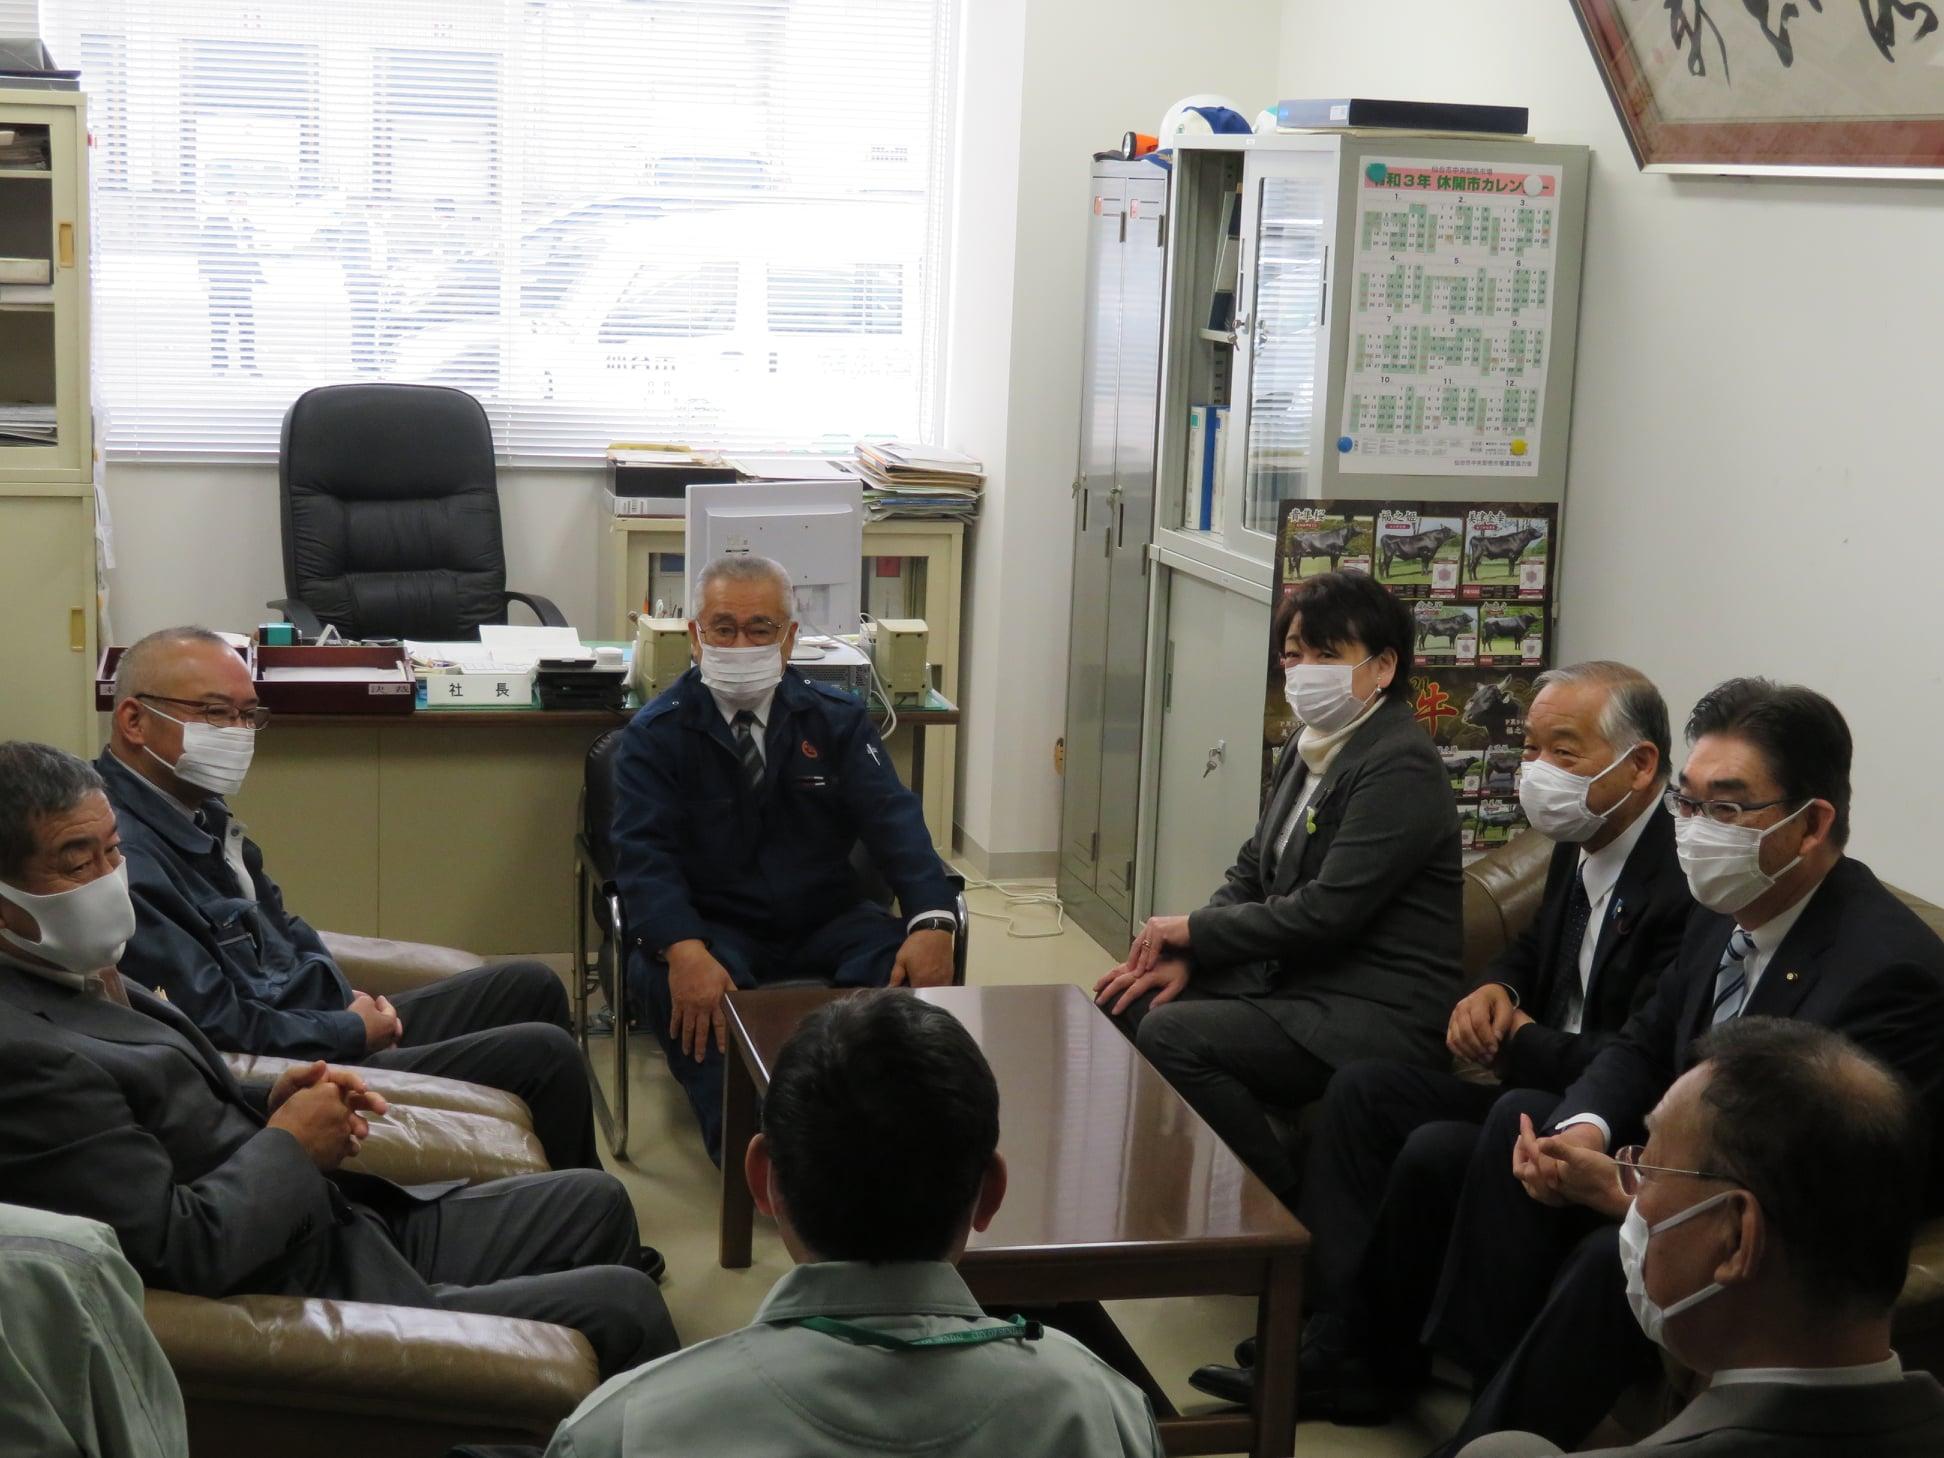 仙台市食肉市場の関係者の皆様と懇談しました。